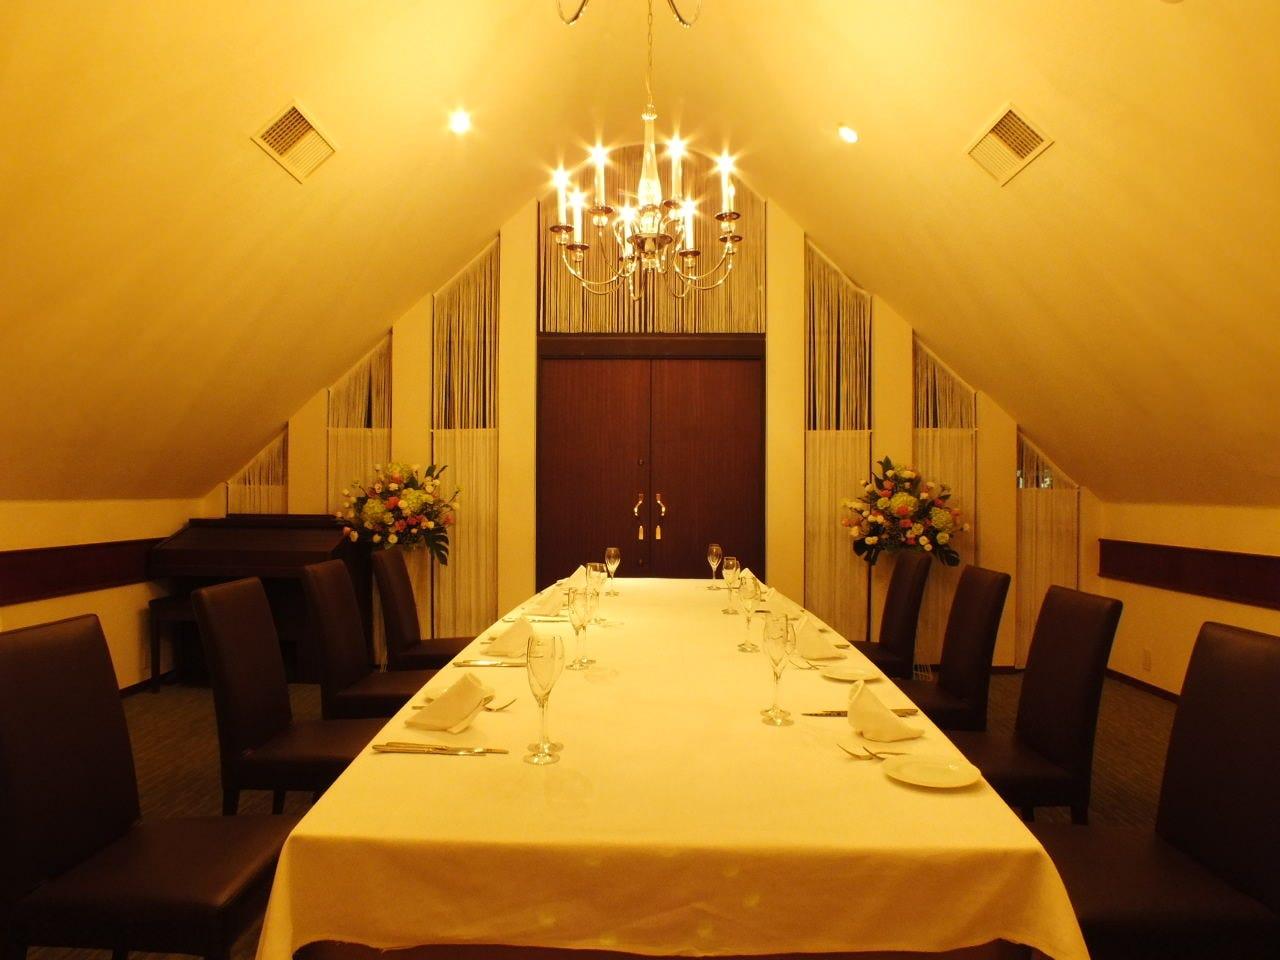 テーブル席・完全個室(壁・扉あり)・3名様~12名様